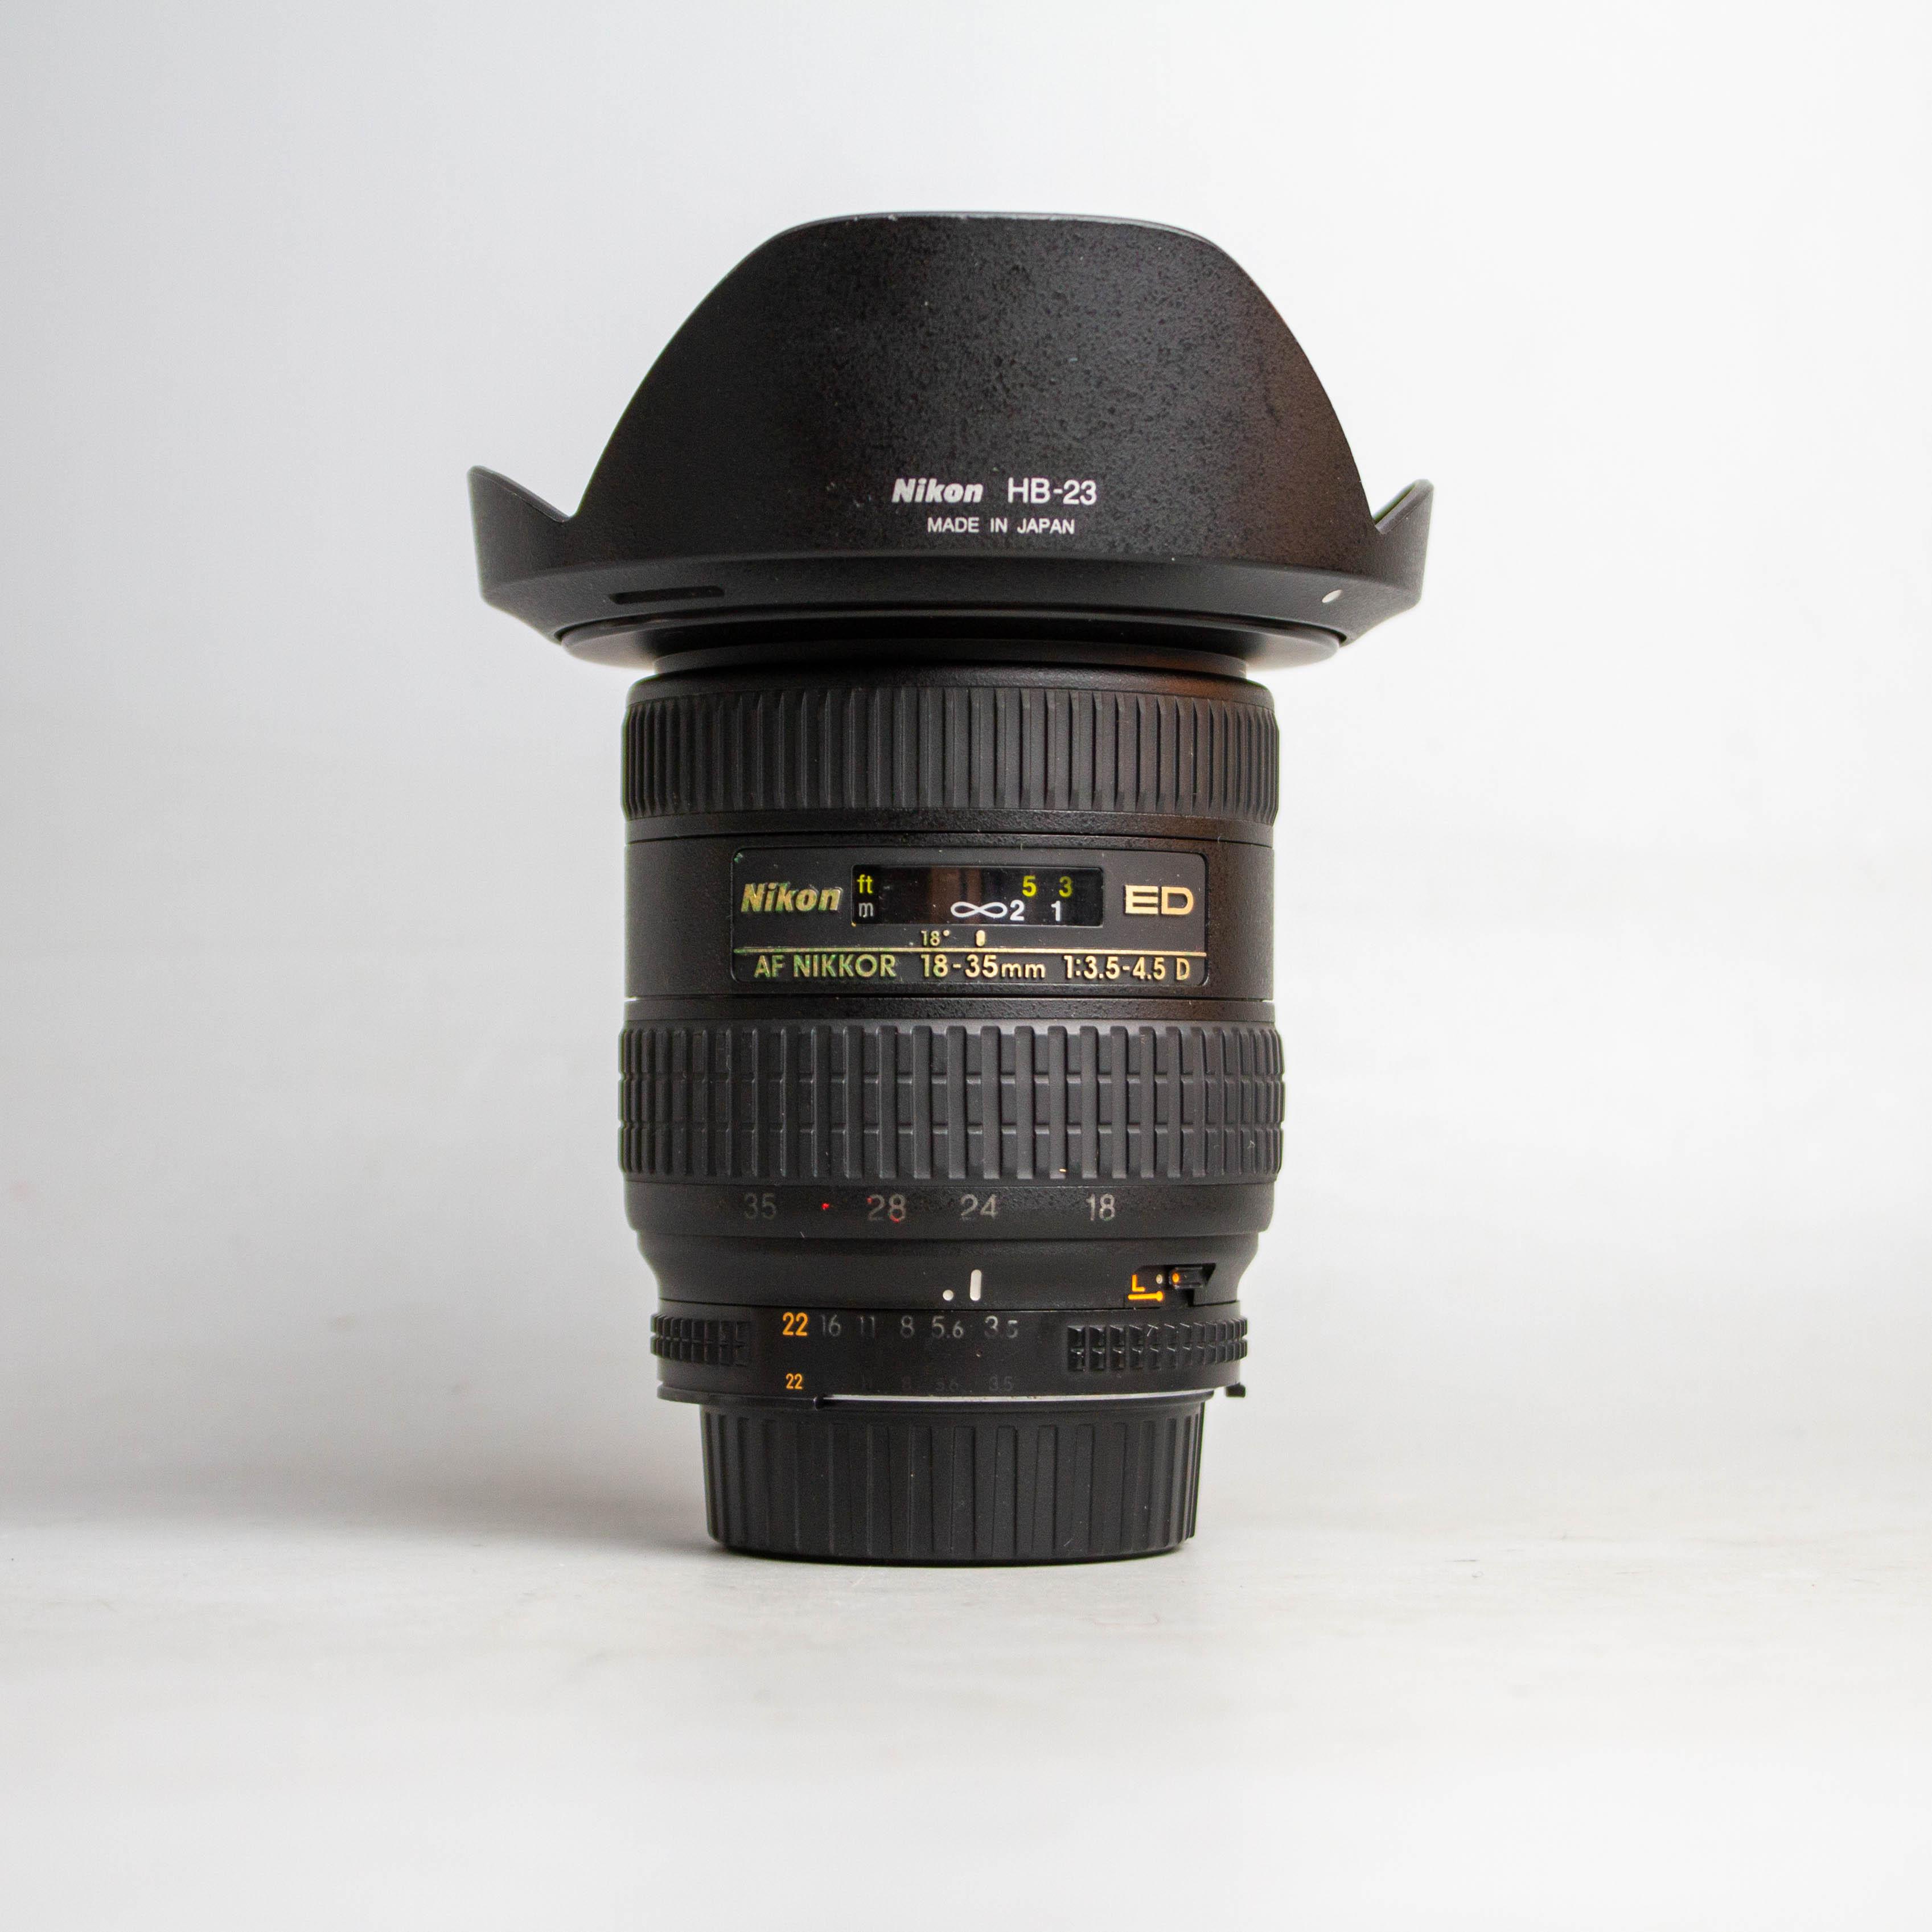 nikon-18-35mm-f3-5-4-5-ed-af-d-18-35-3-5-4-5-18714